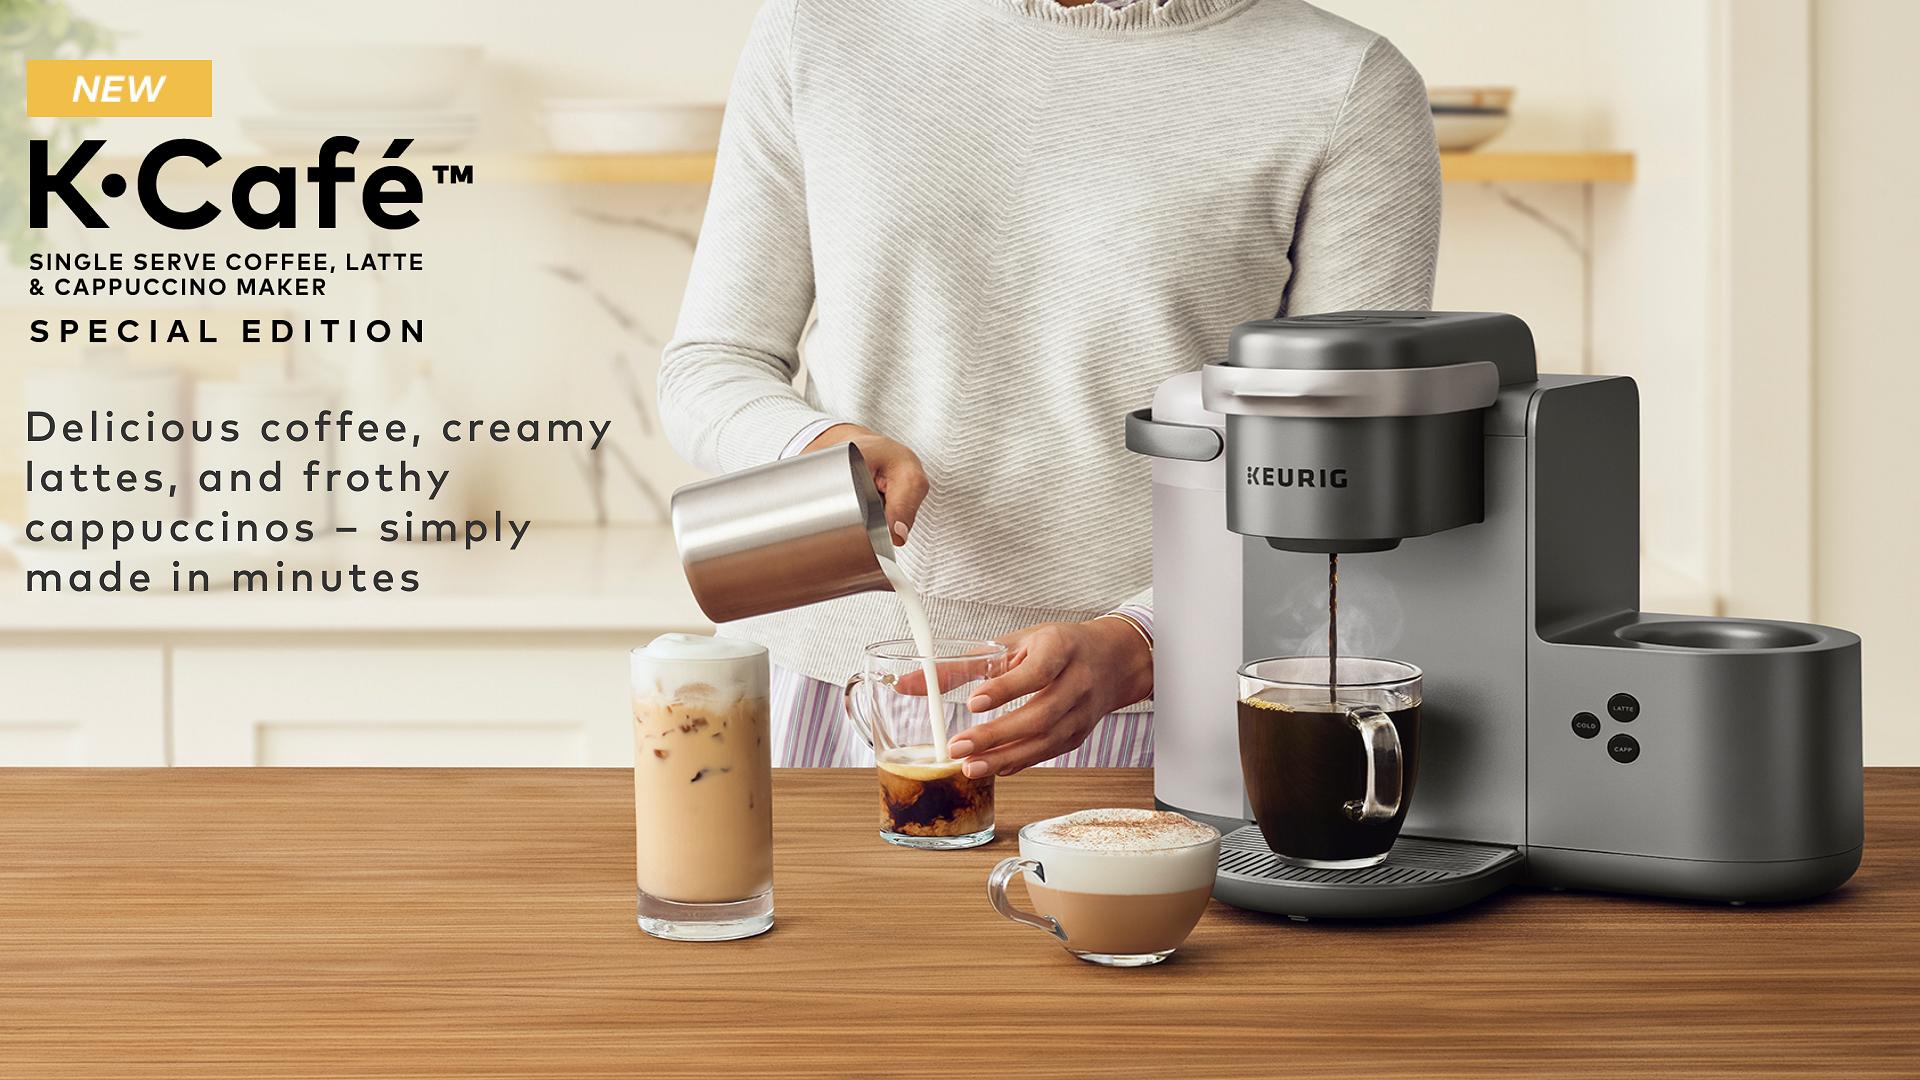 Keurig® KCafé™ Special Edition Single Serve Coffee, Latte